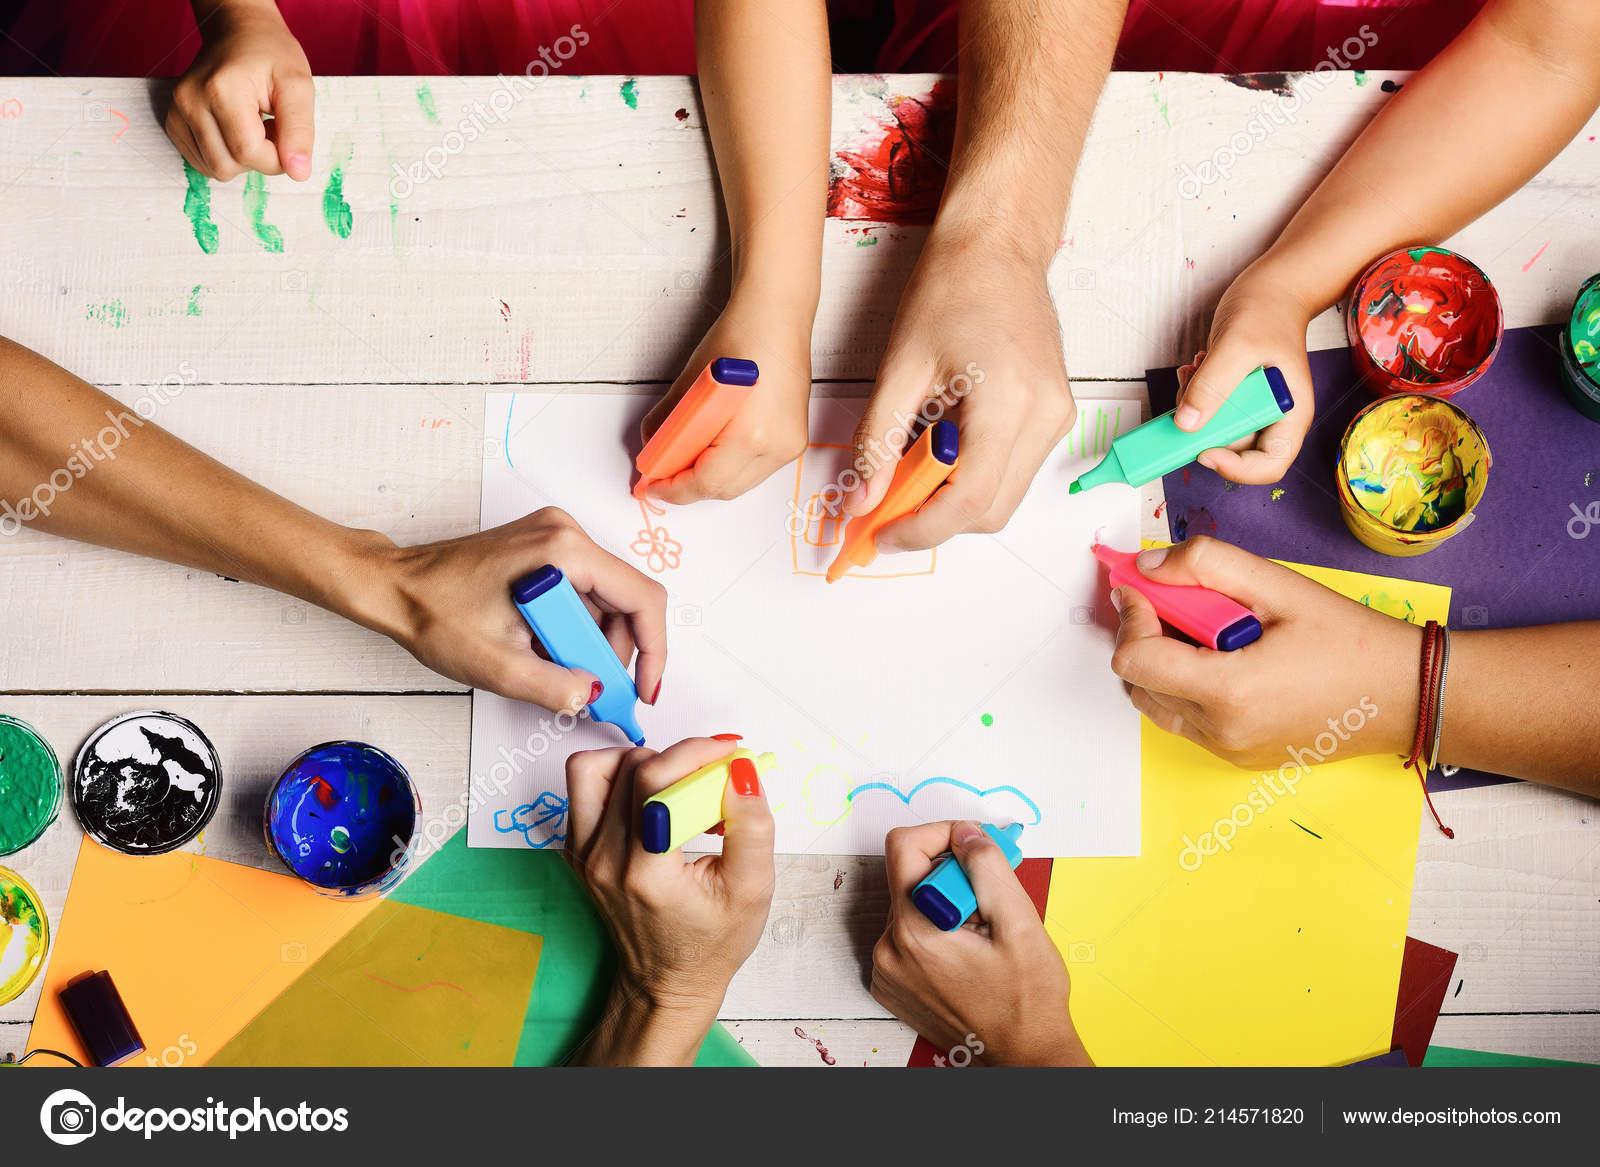 Maos Segurar Marcadores Coloridos E Desenhar Vista Superior